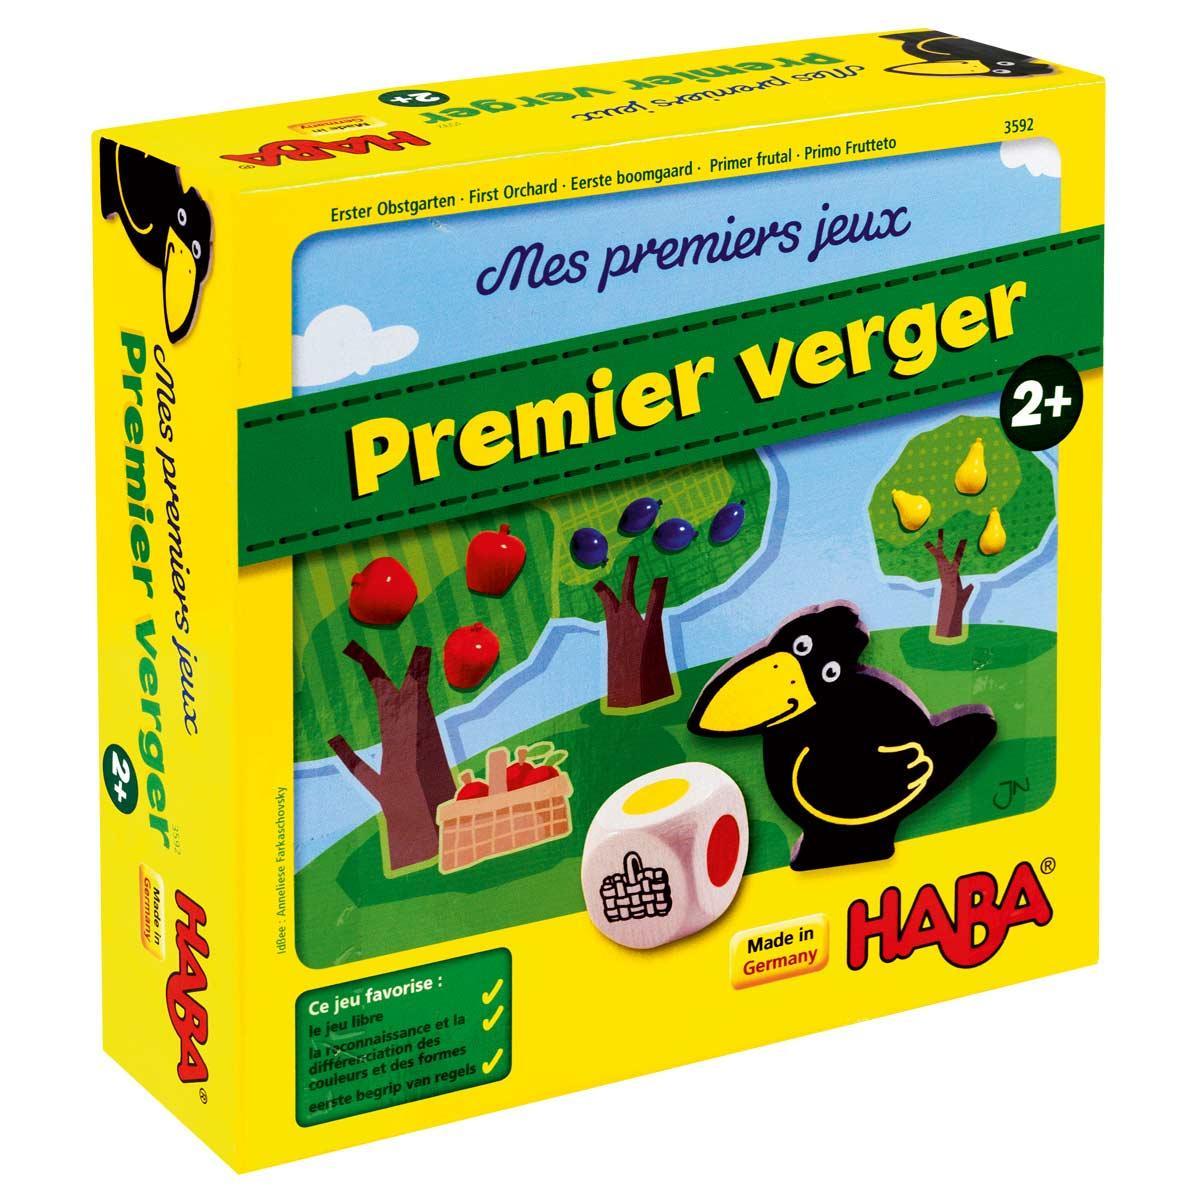 http://www.ludocortex.fr/boutique/images_produits/premierverger-z.jpg